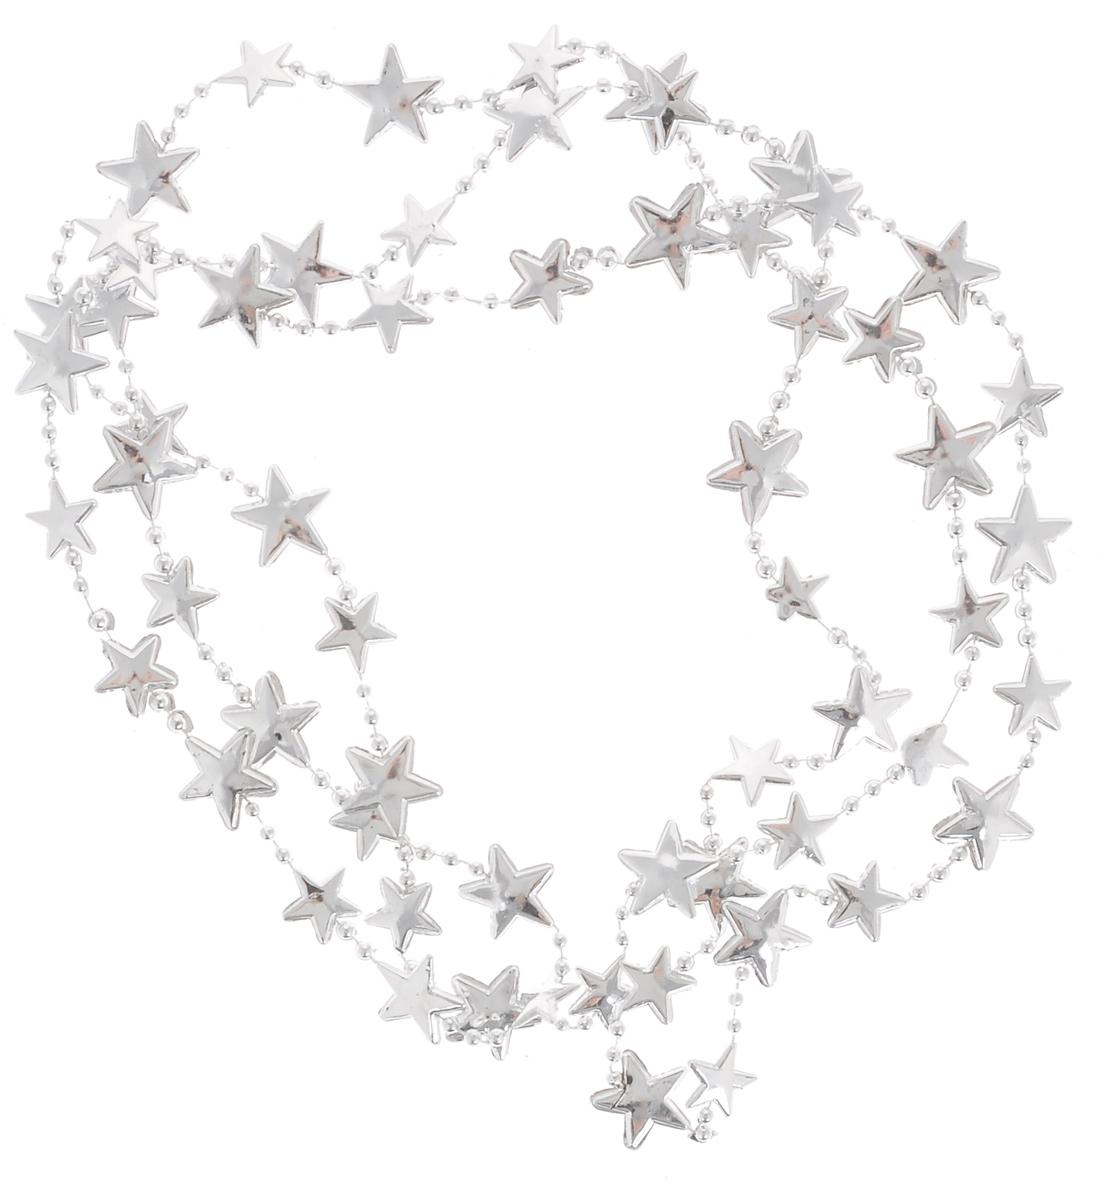 Гирлянда новогодняя EuroHouse Звезды, цвет: серебристый, длина 2 мЕХ 9192Новогодняя гирлянда EuroHouse Звезды отлично подойдет для декорации вашего дома и новогодней ели. Изделие, выполненное из пластика, представляет собой гирлянду на текстильной нити, на которой нанизаны фигурки в виде звезд и бусин. Новогодние украшения несут в себе волшебство и красоту праздника. Они помогут вам украсить дом к предстоящим праздникам и оживить интерьер по вашему вкусу. Создайте в доме атмосферу тепла, веселья и радости, украшая его всей семьей. Средний размер фигурки в виде звезды: 2 см х 2 см х 0,2 см. Диаметр бусины: 0,4 см.